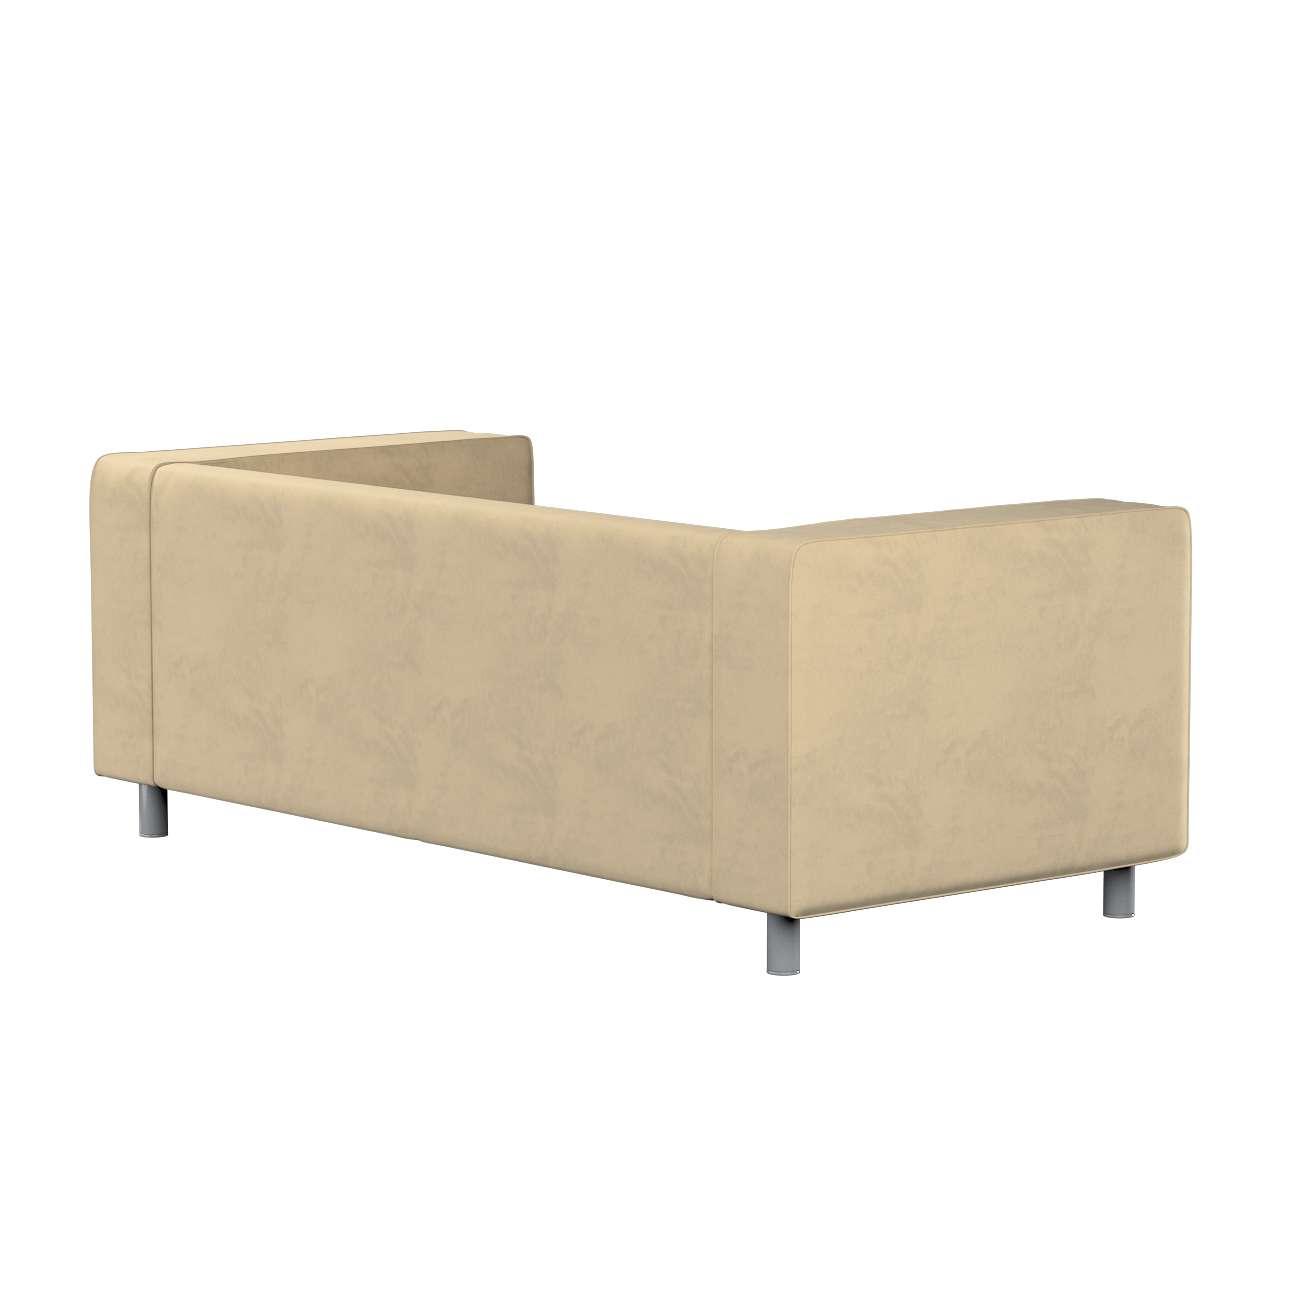 Pokrowiec na sofę Klippan 2-osobową w kolekcji Living, tkanina: 160-82